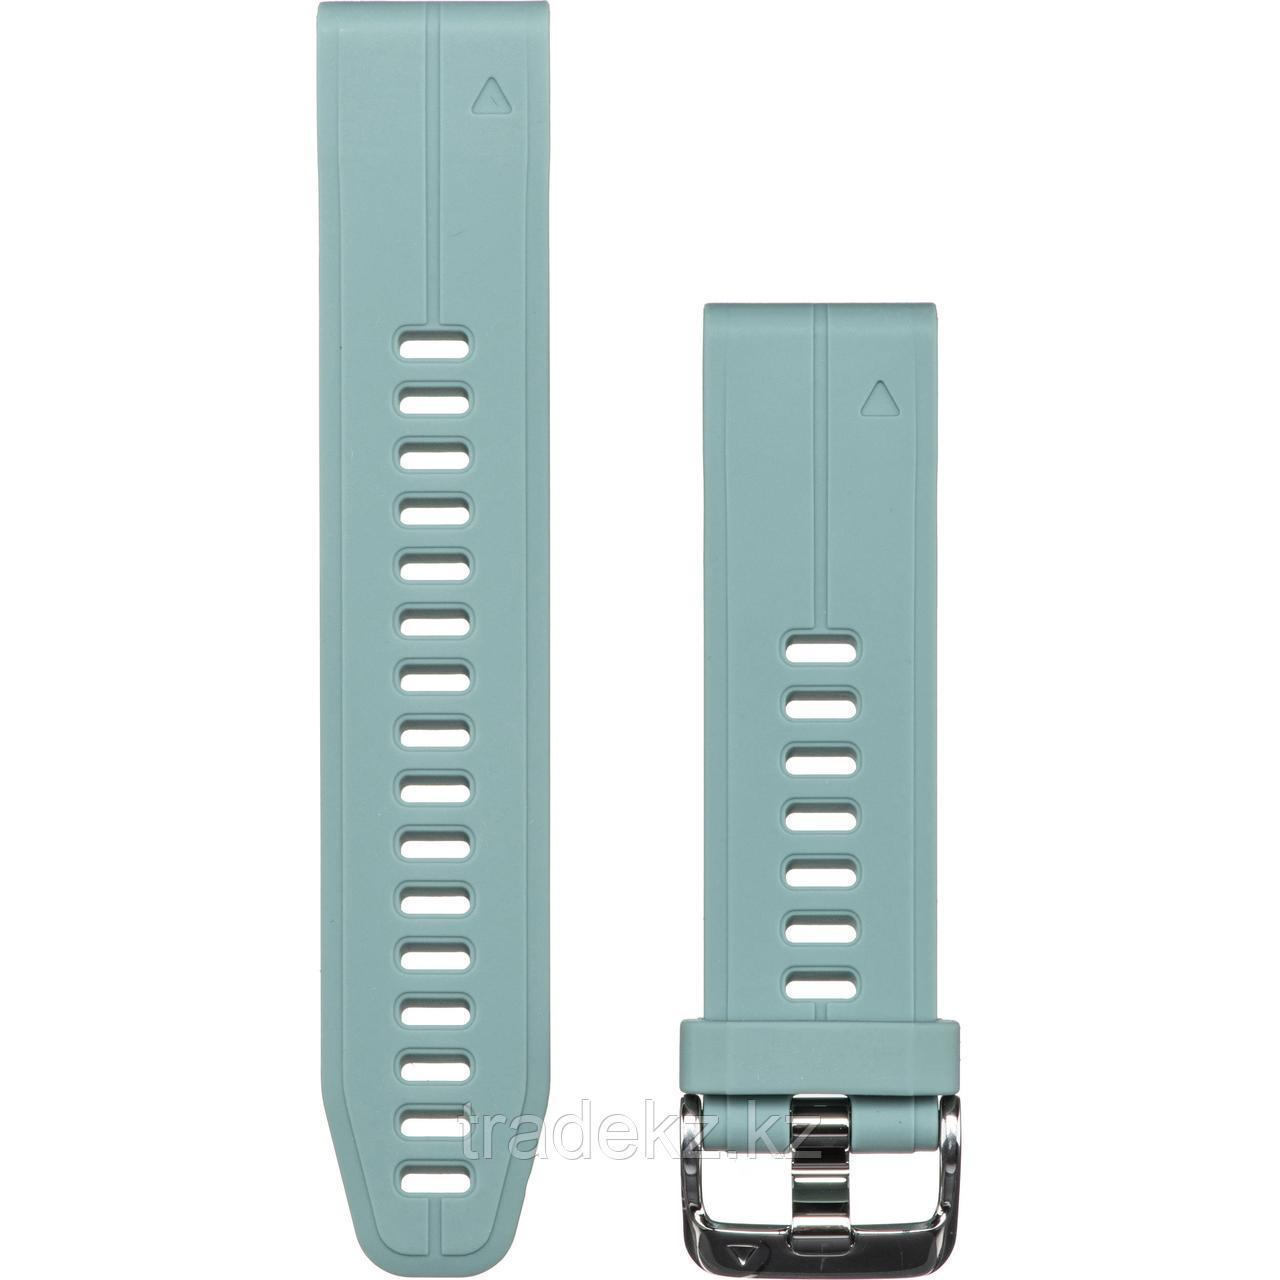 Браслет для часов garmin 5S Plus 20mm QuickFit серо-зеленый (010-12739-06)